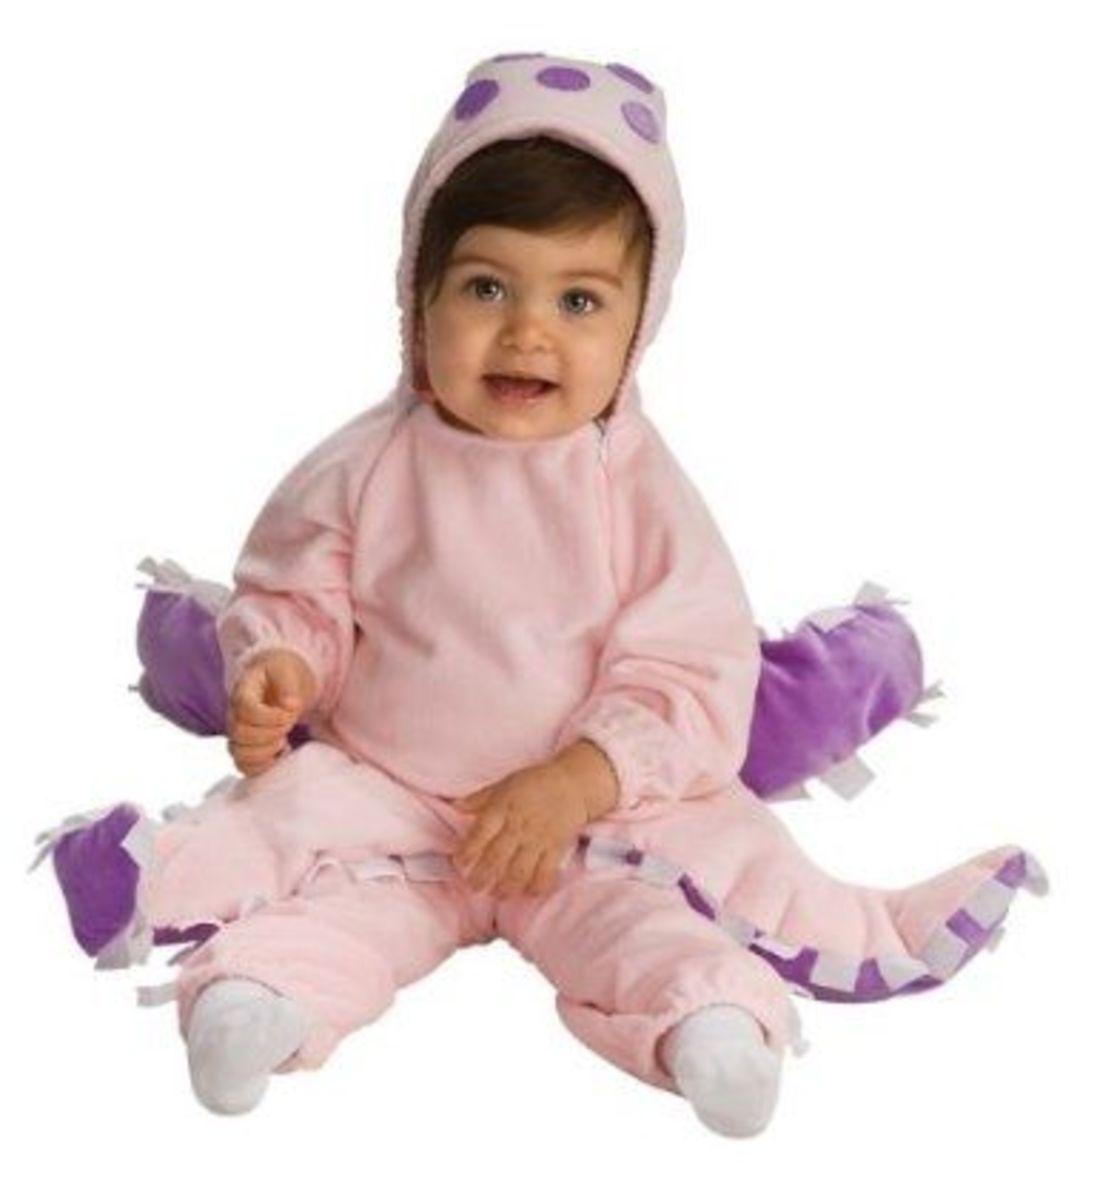 Rubie's Deluxe Baby Octopus Costume, Pink